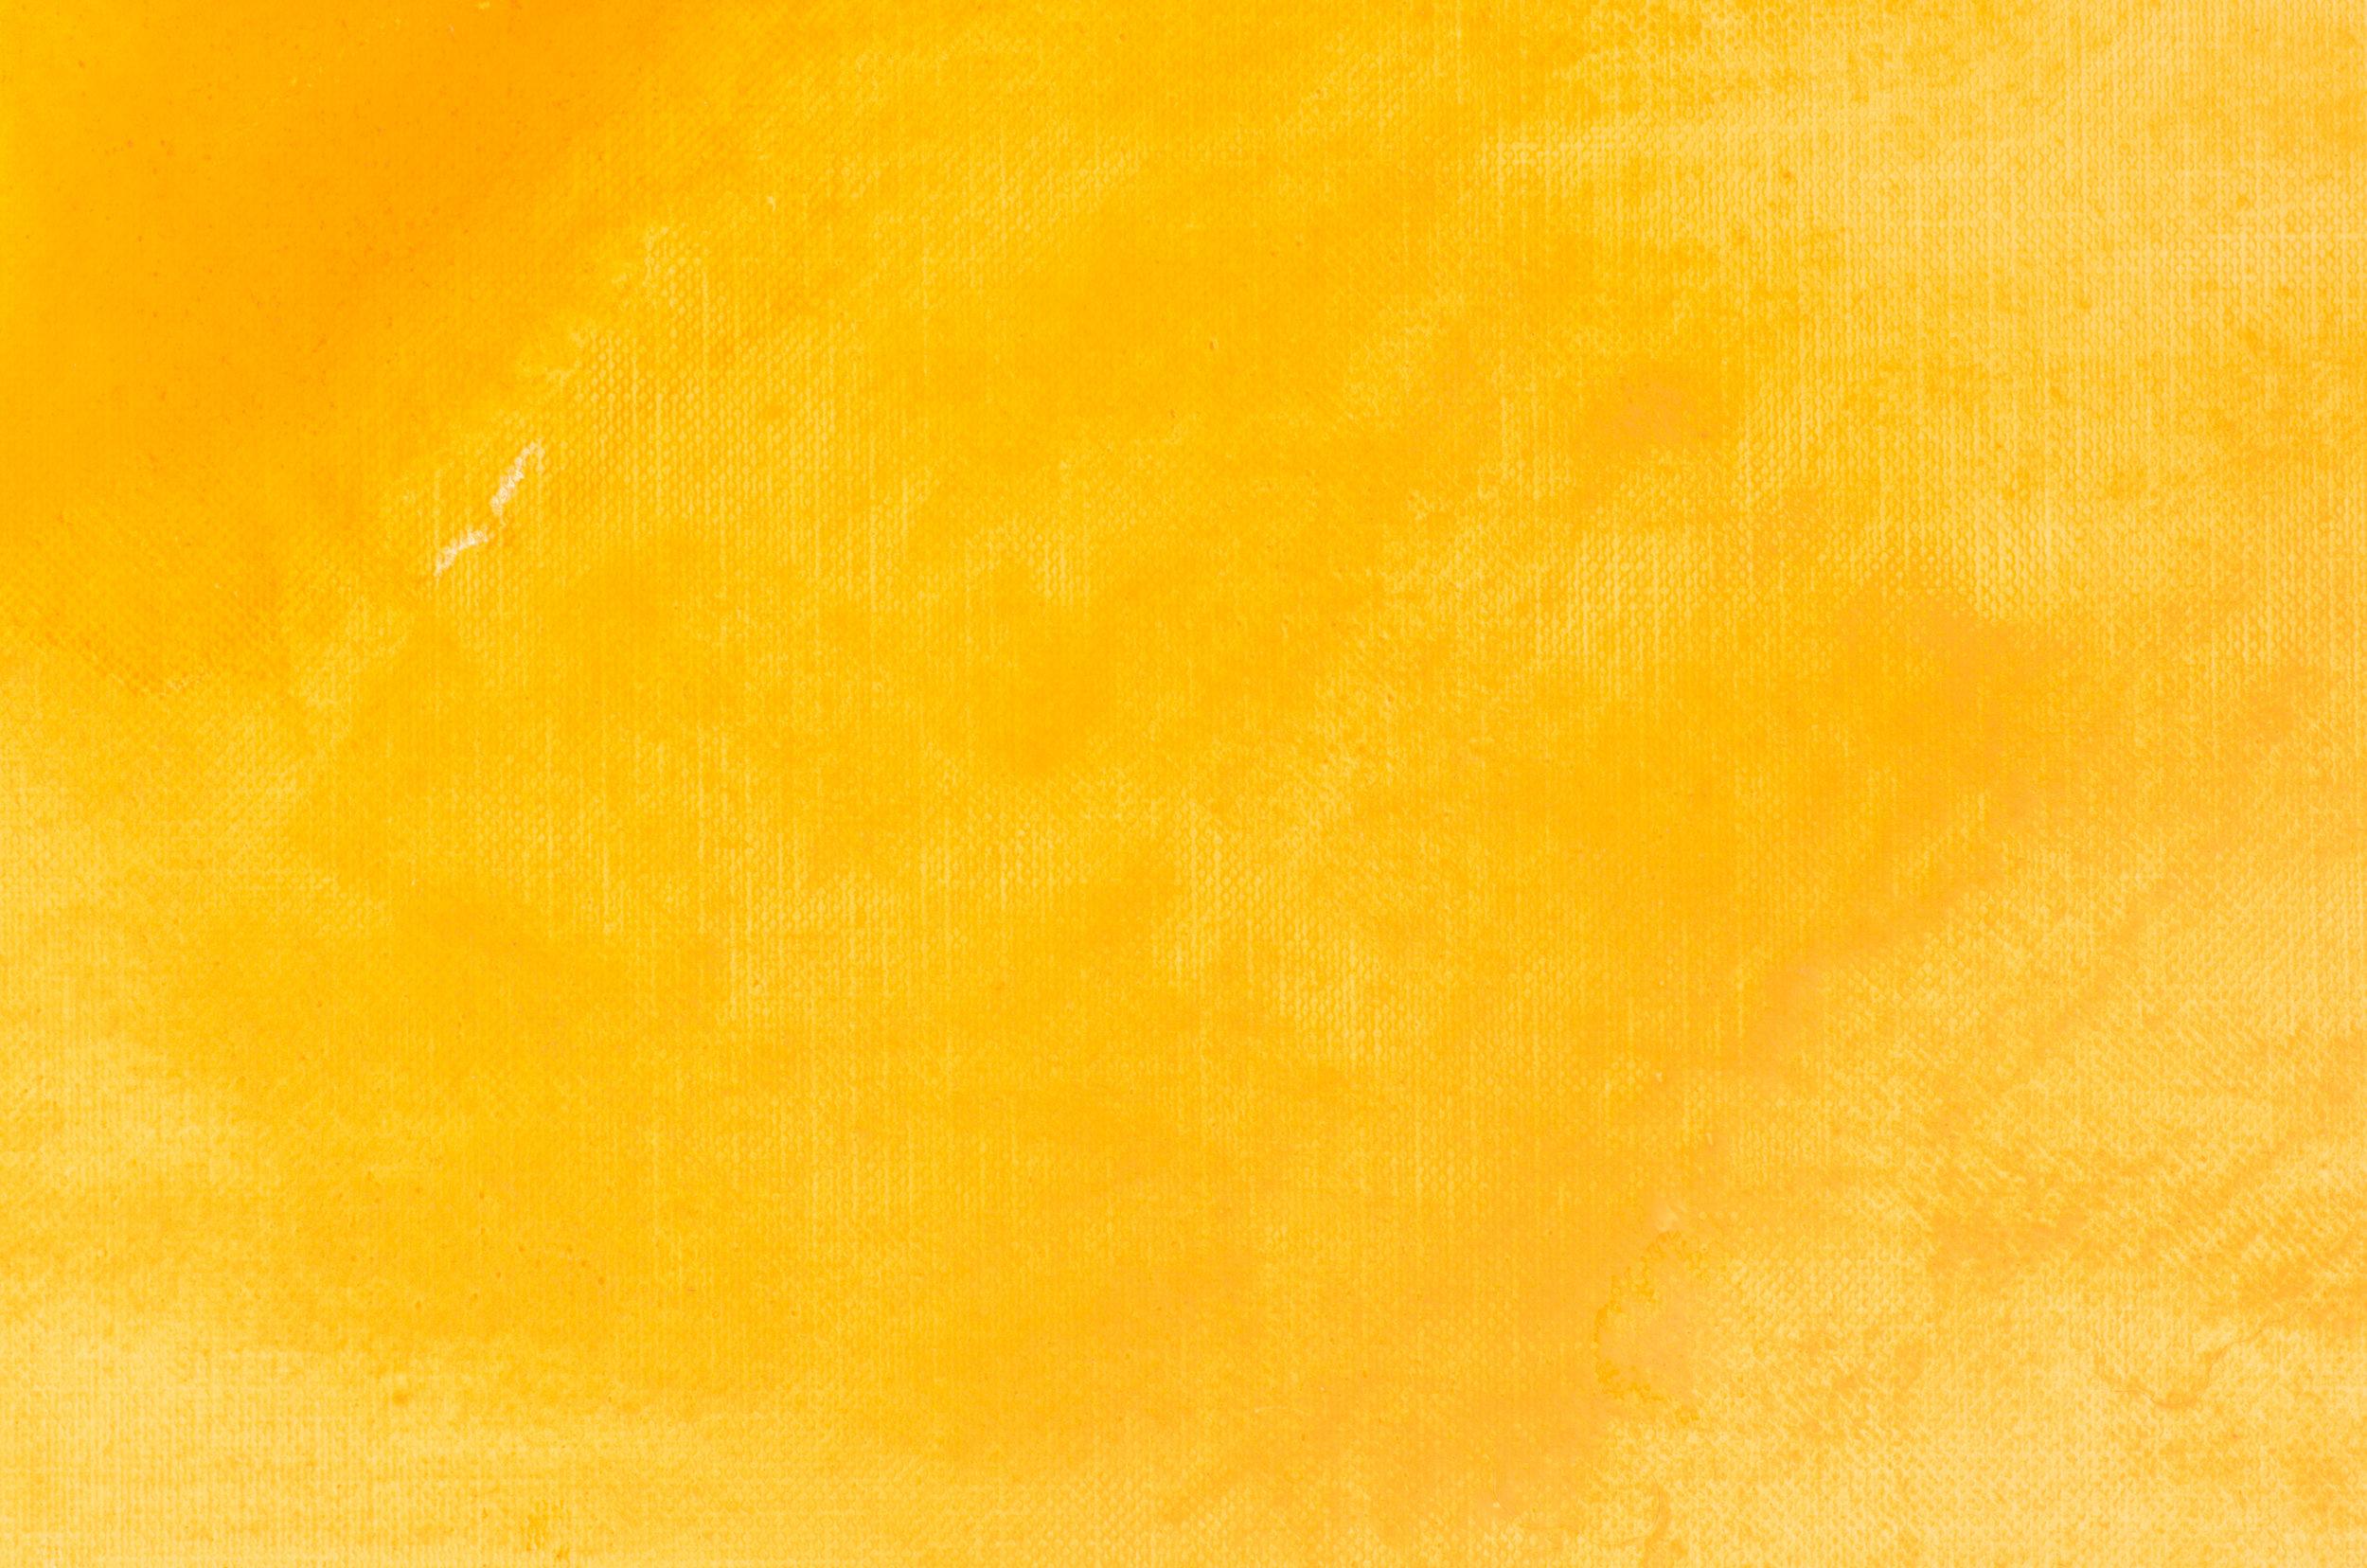 Yellow Background (Capstan).jpg